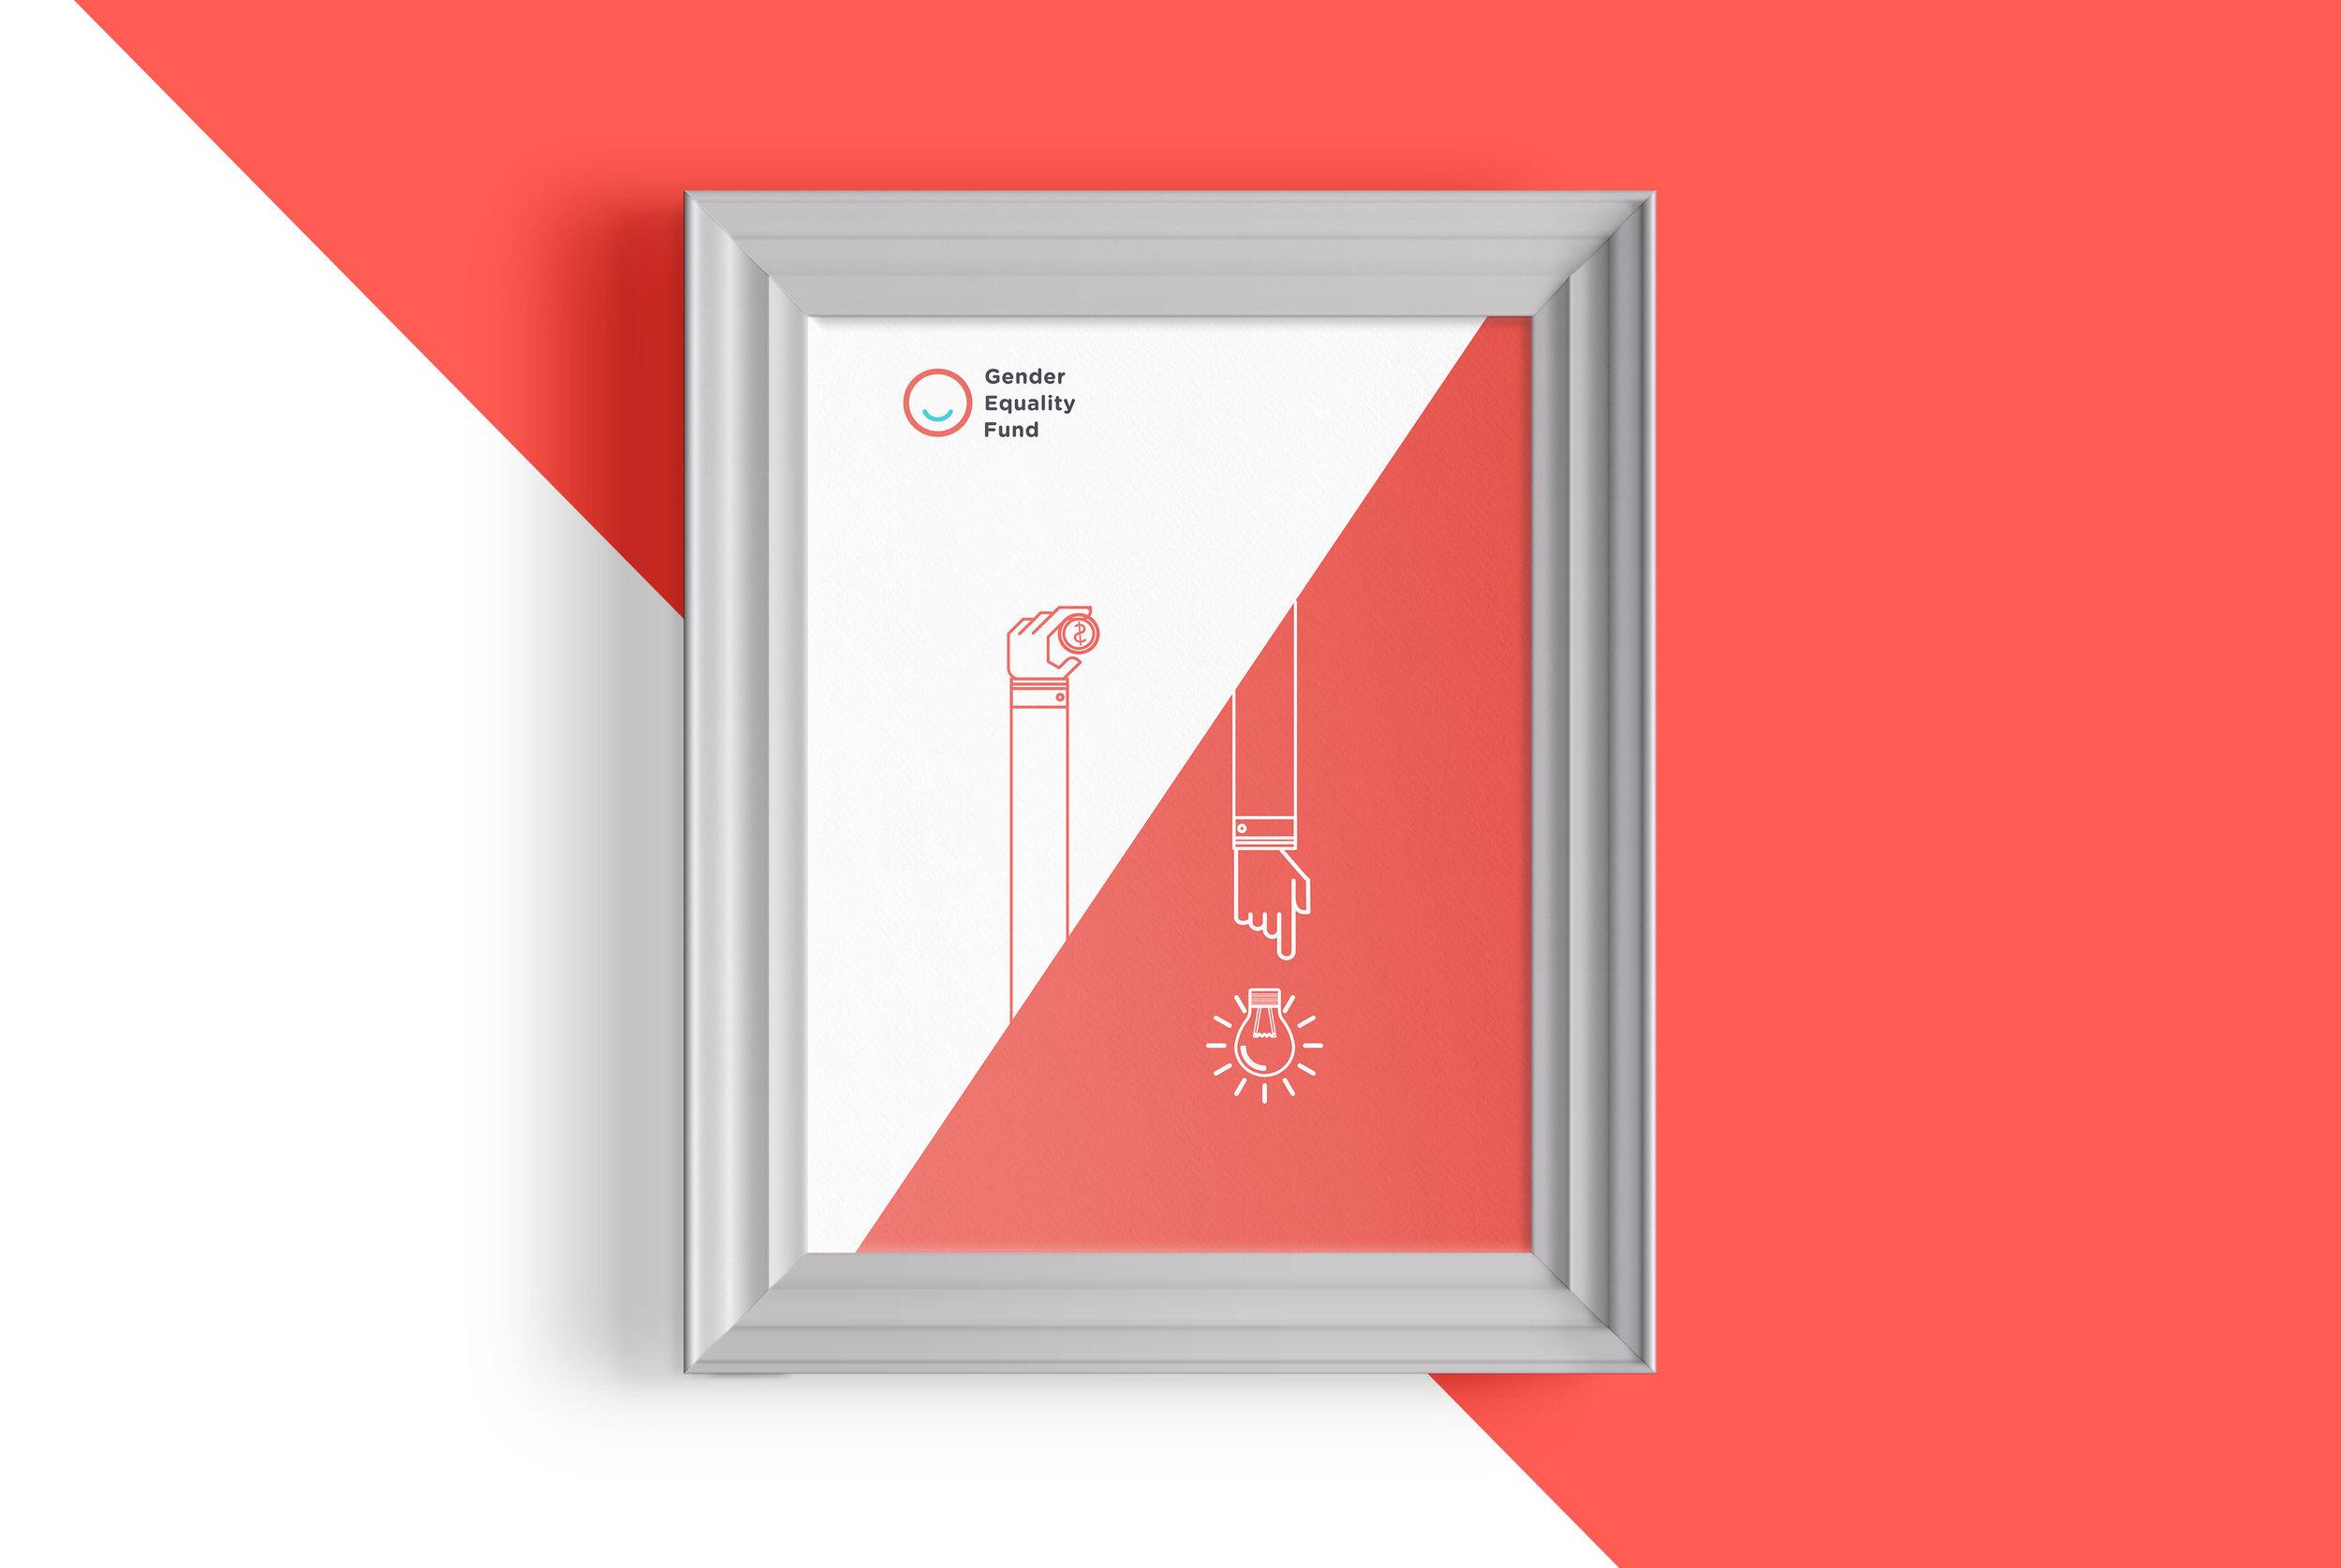 Poster graphic design visualization